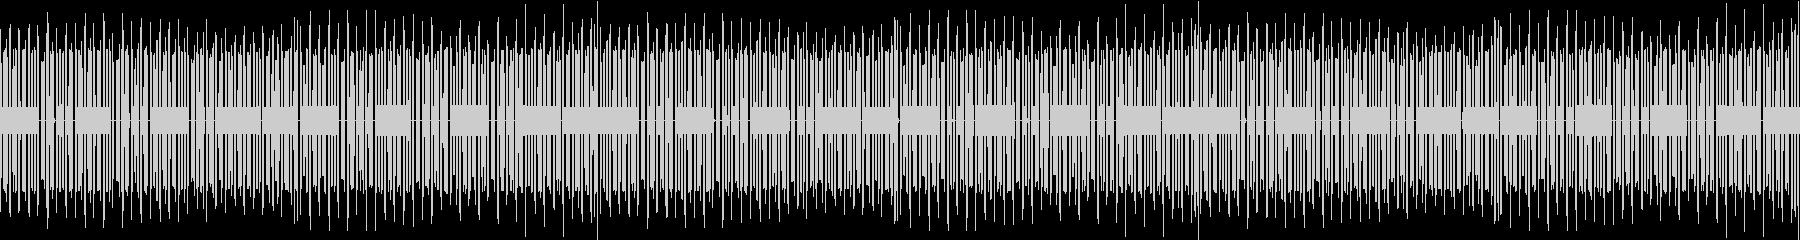 ファミコン風アクションRPGボスのテーマの未再生の波形